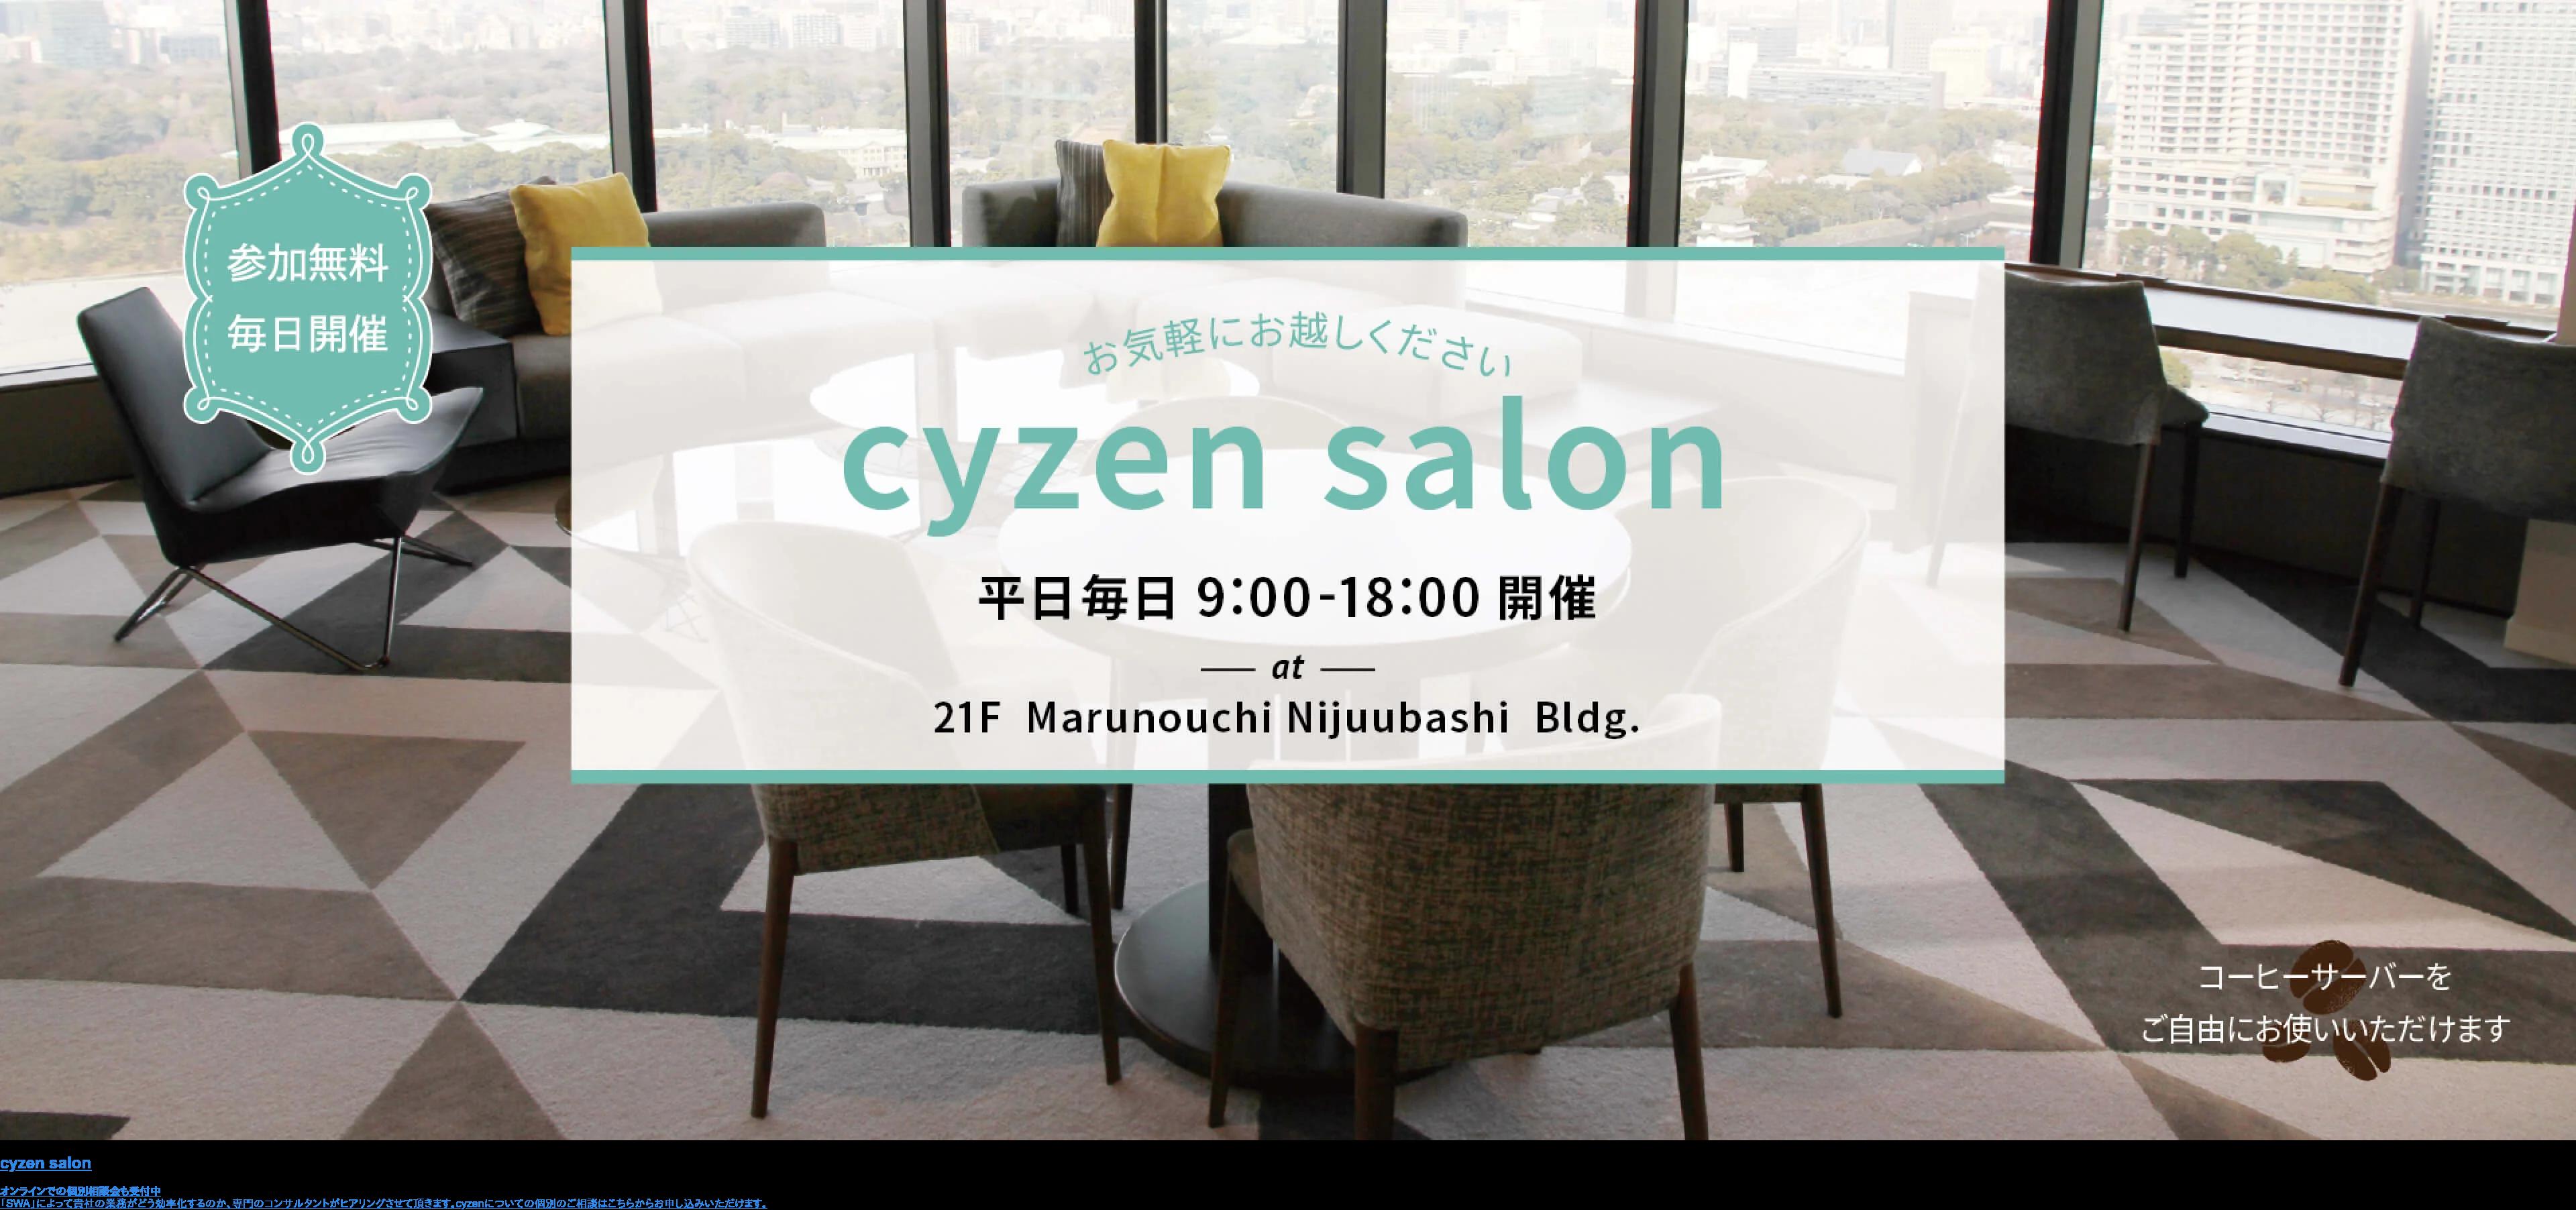 cyzen salon  オンラインでの個別相談会も受付中  「SWA」によって貴社の業務がどう効率化するのか、専門のコンサルタントがヒアリングさせて頂きます。cyzenについて気になっている方はお気軽にお申し込みください。